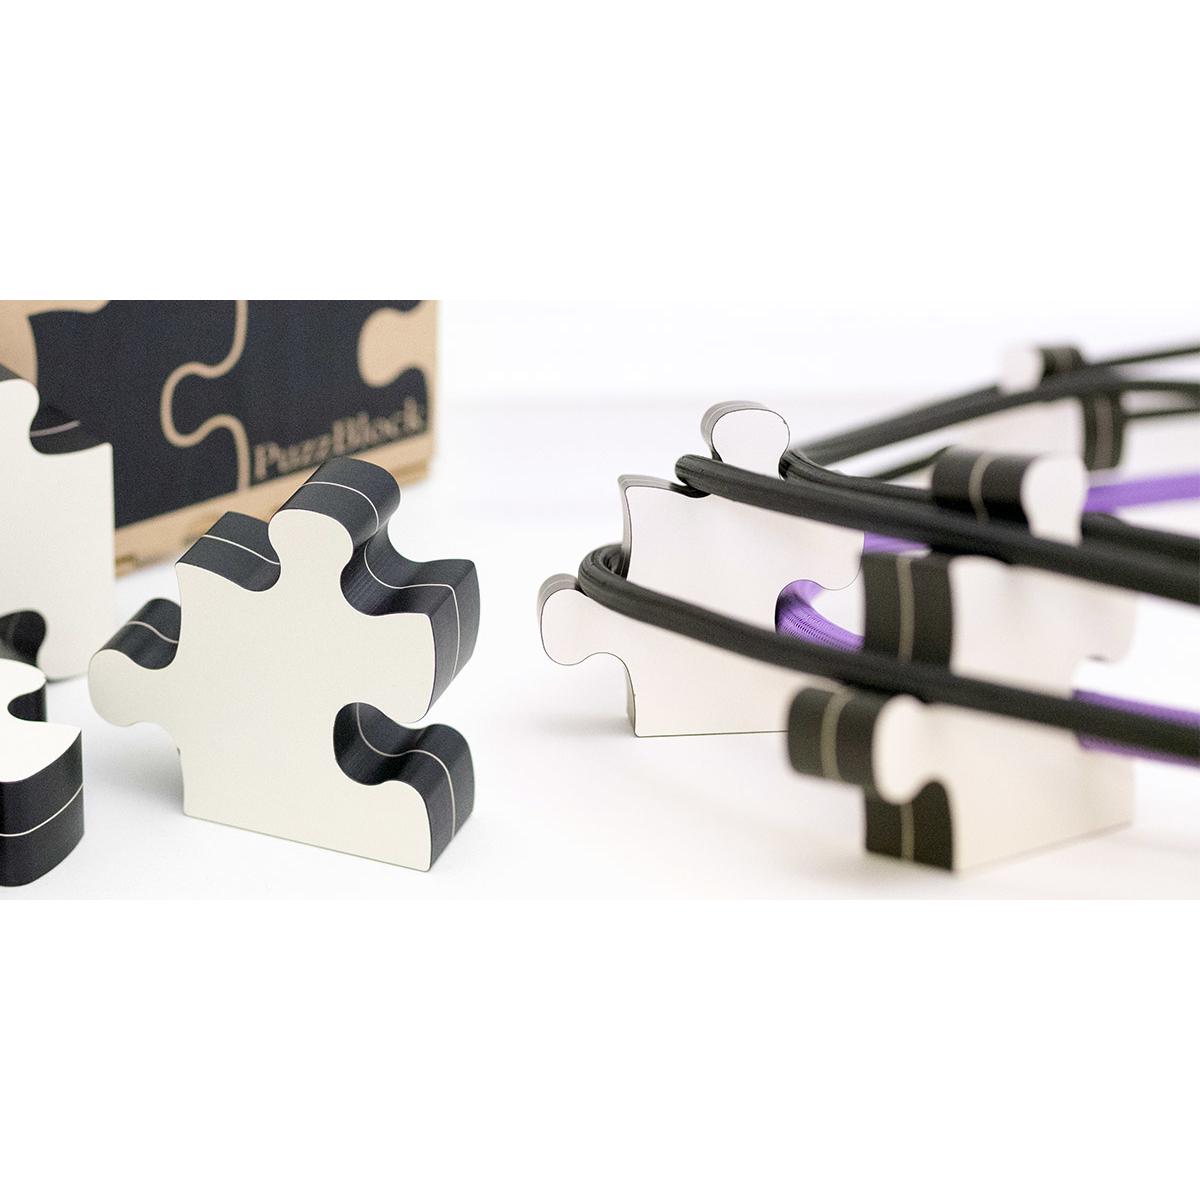 KOJO TECHNOLOGY PuzzBlock ホワイト コージョーテクノロジー ケーブルインシュレーター 一箱4個入